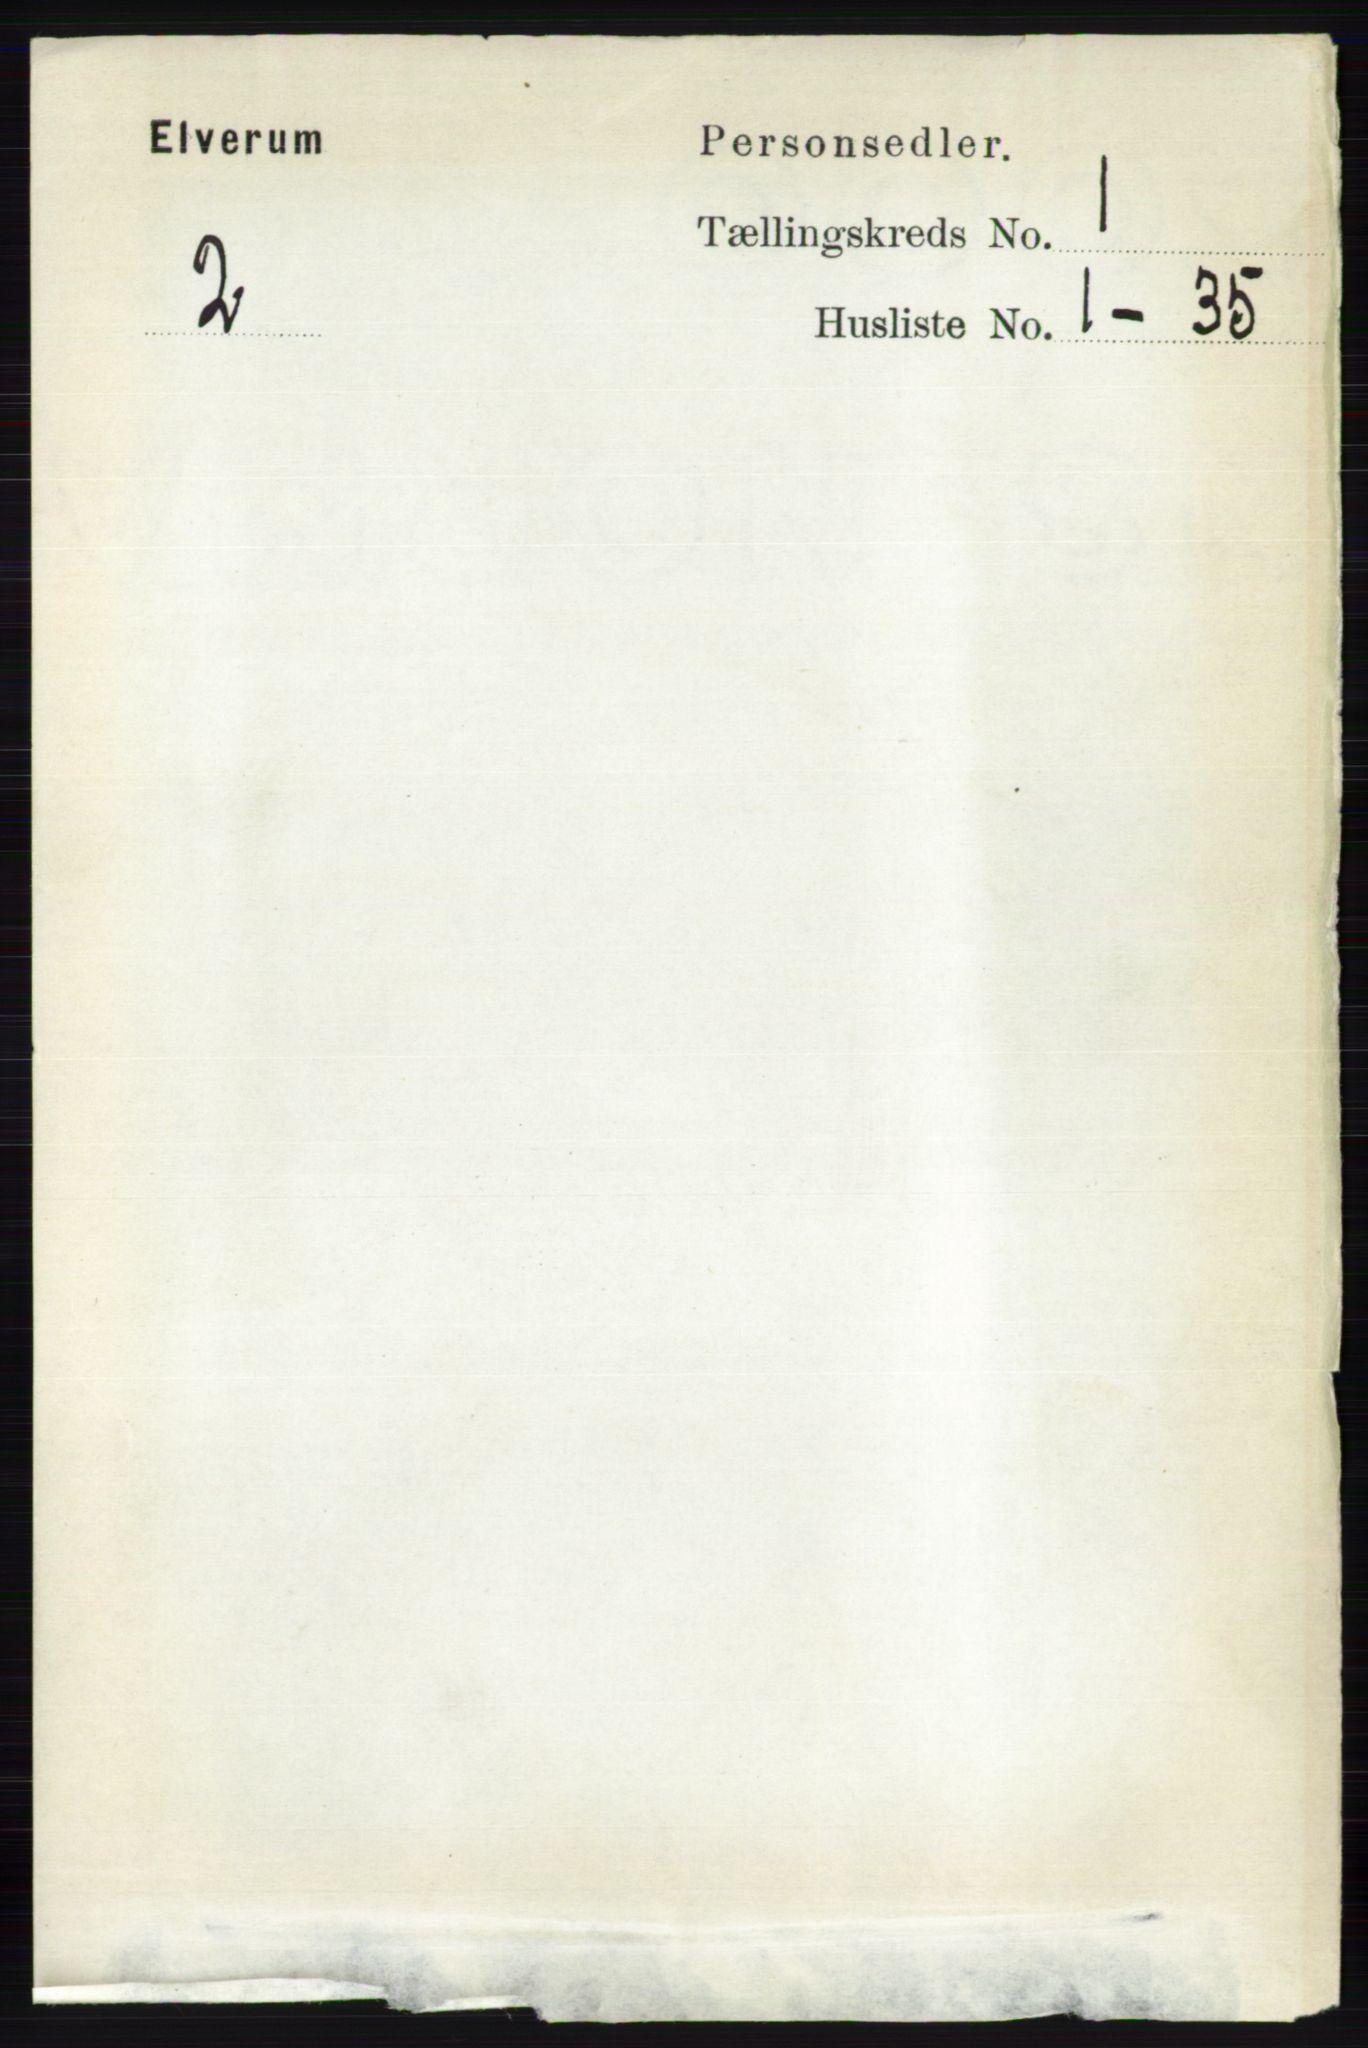 RA, Folketelling 1891 for 0427 Elverum herred, 1891, s. 202